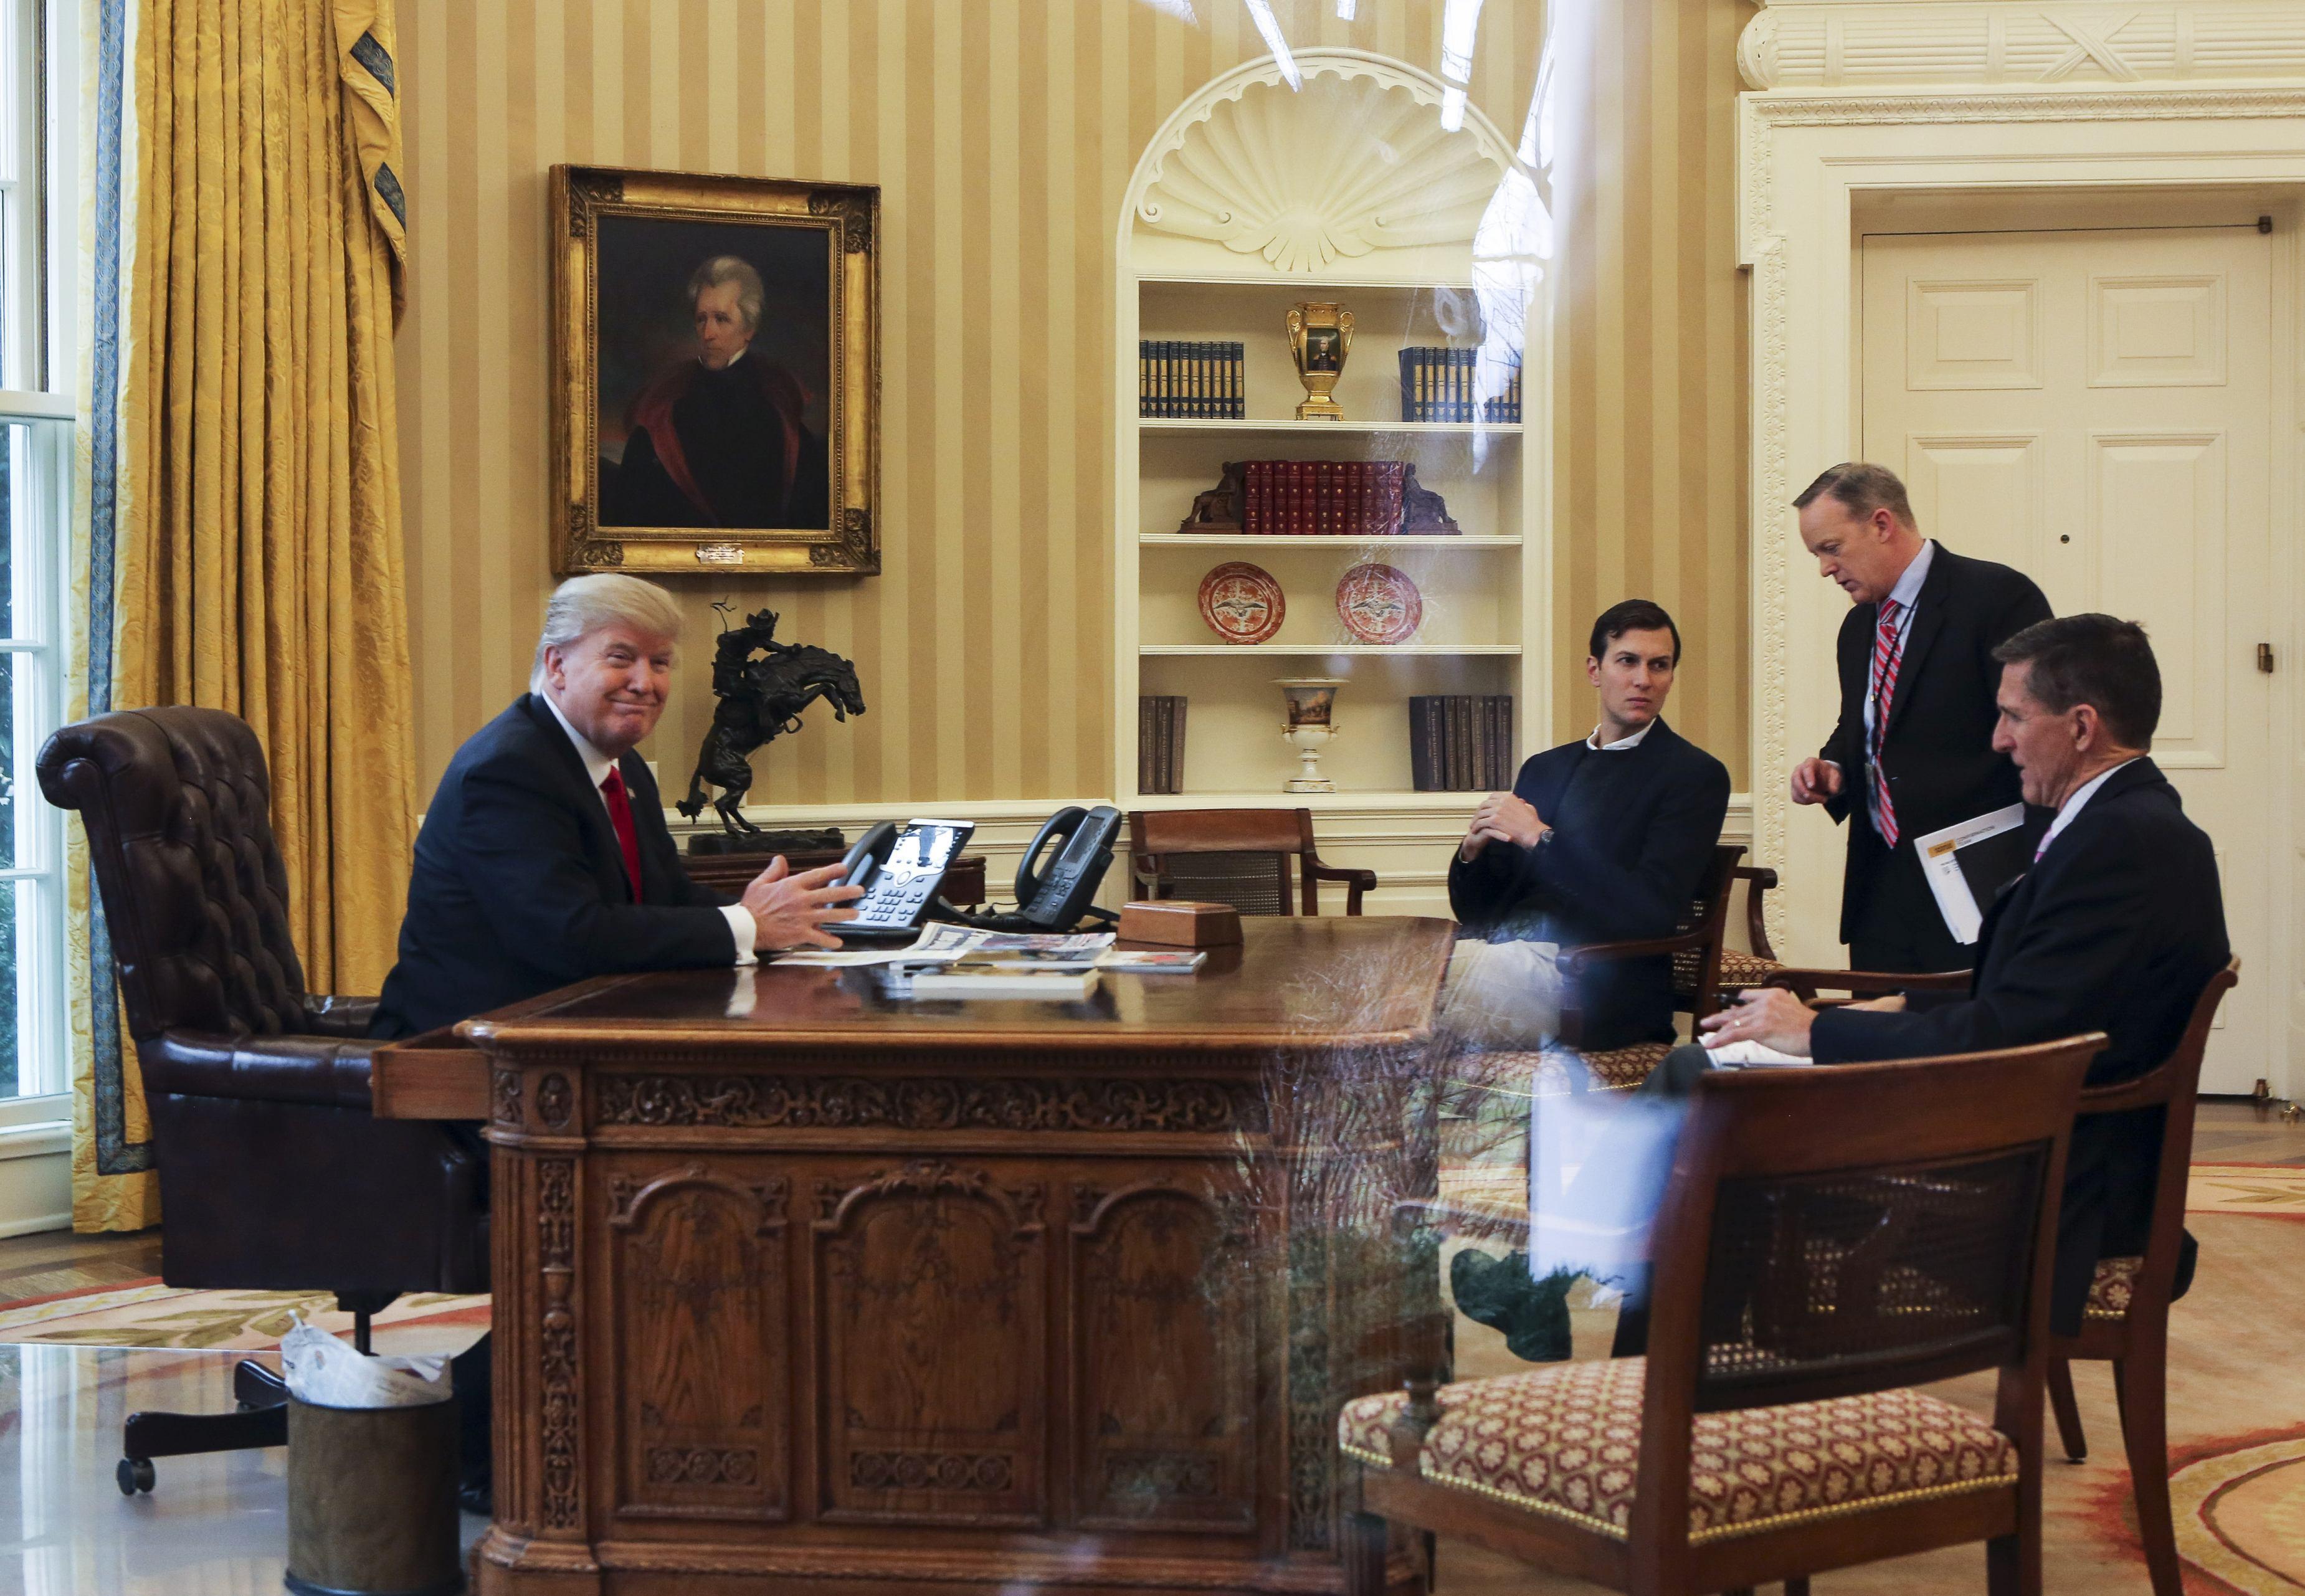 Camera Reprezentanţilor din SUA aprobă planul fiscal propus de Administraţia Donald Trump